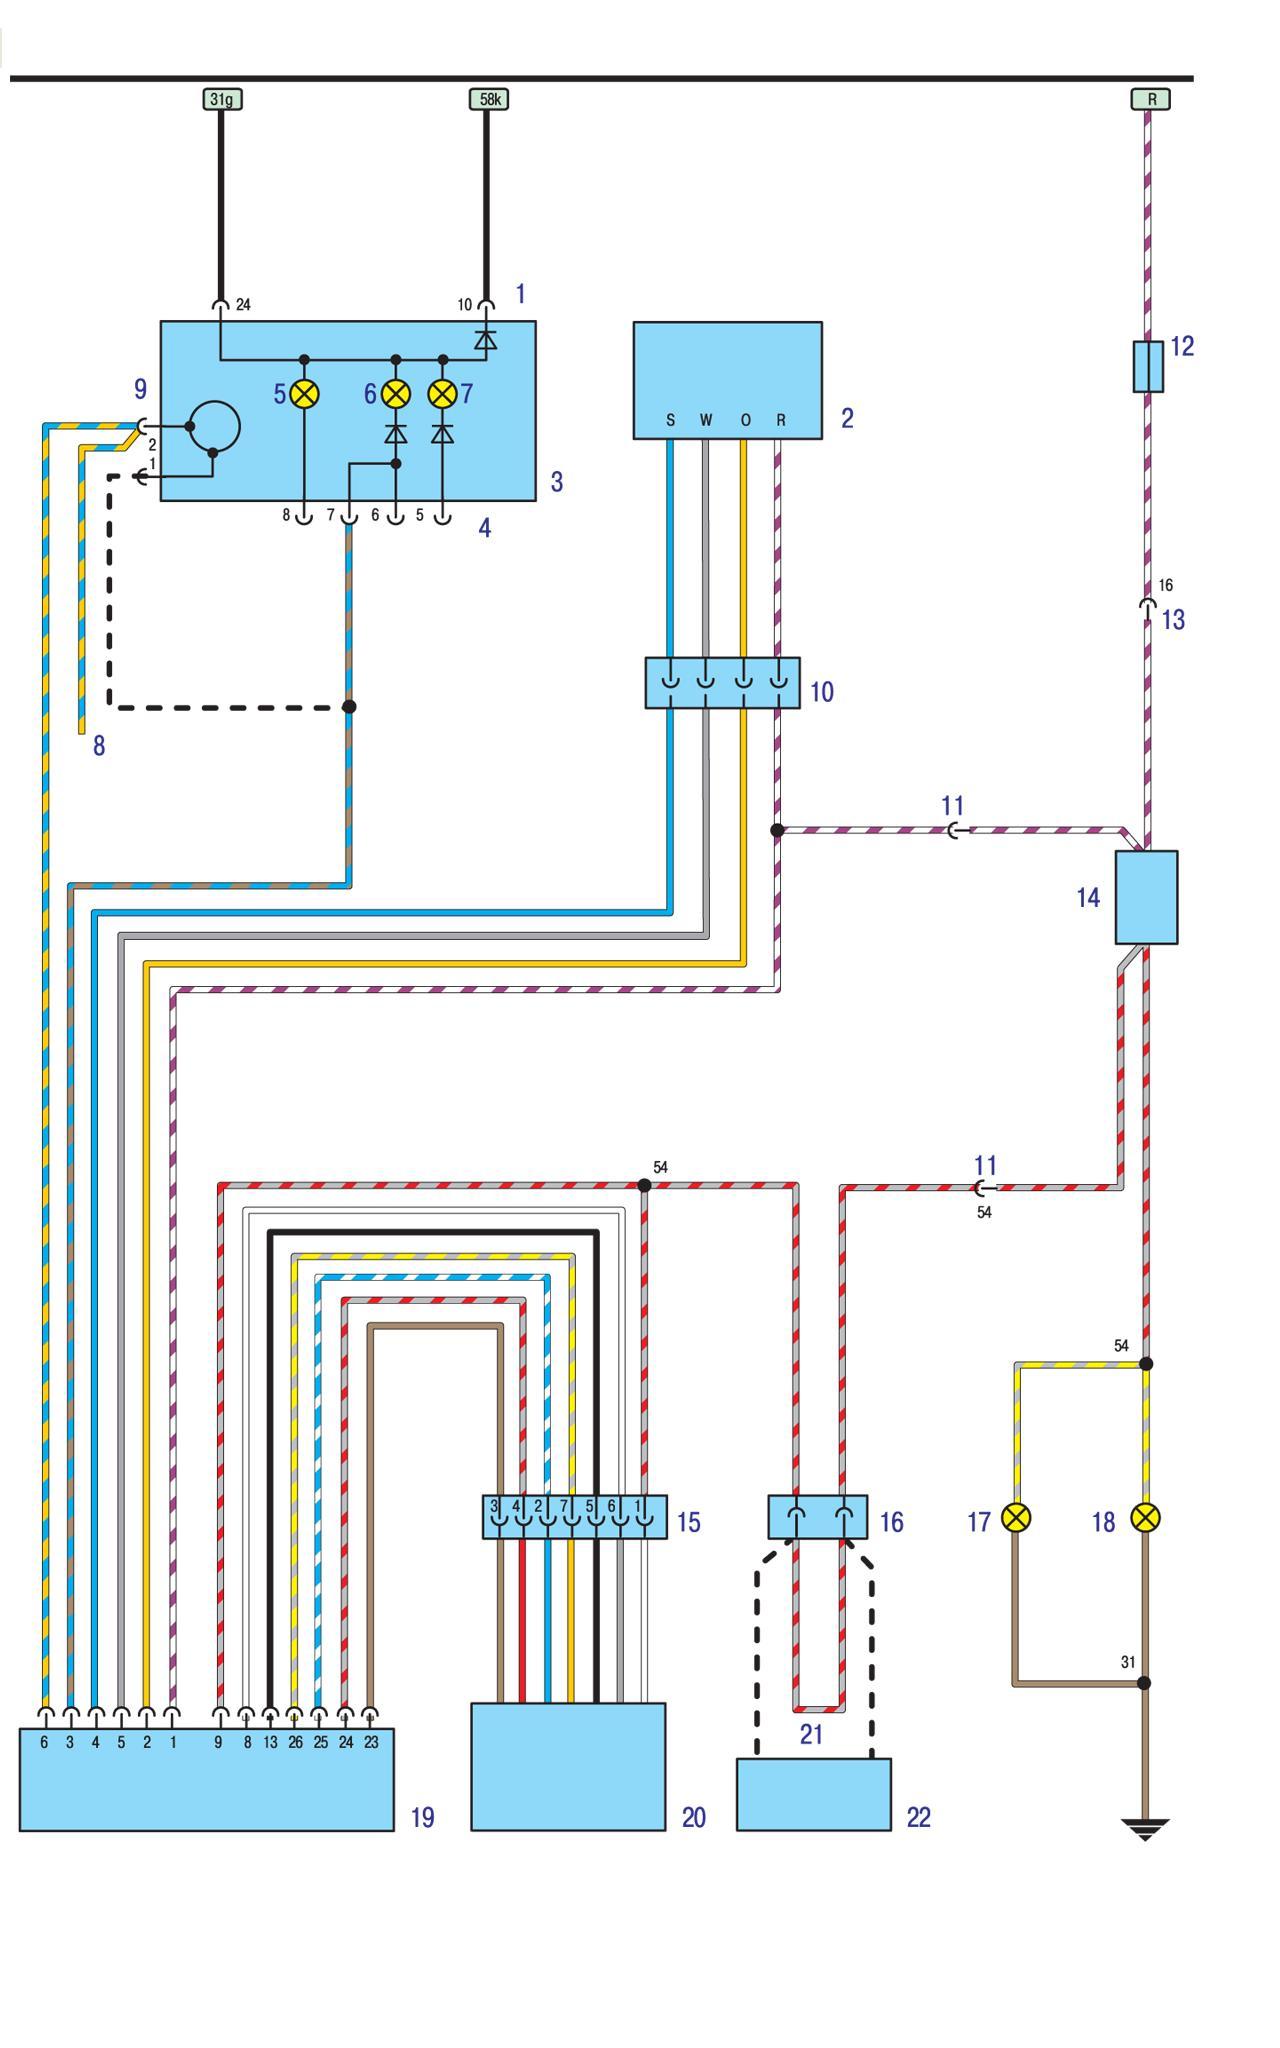 Схема проводки БМВ Е30 - Система круиз-контроля